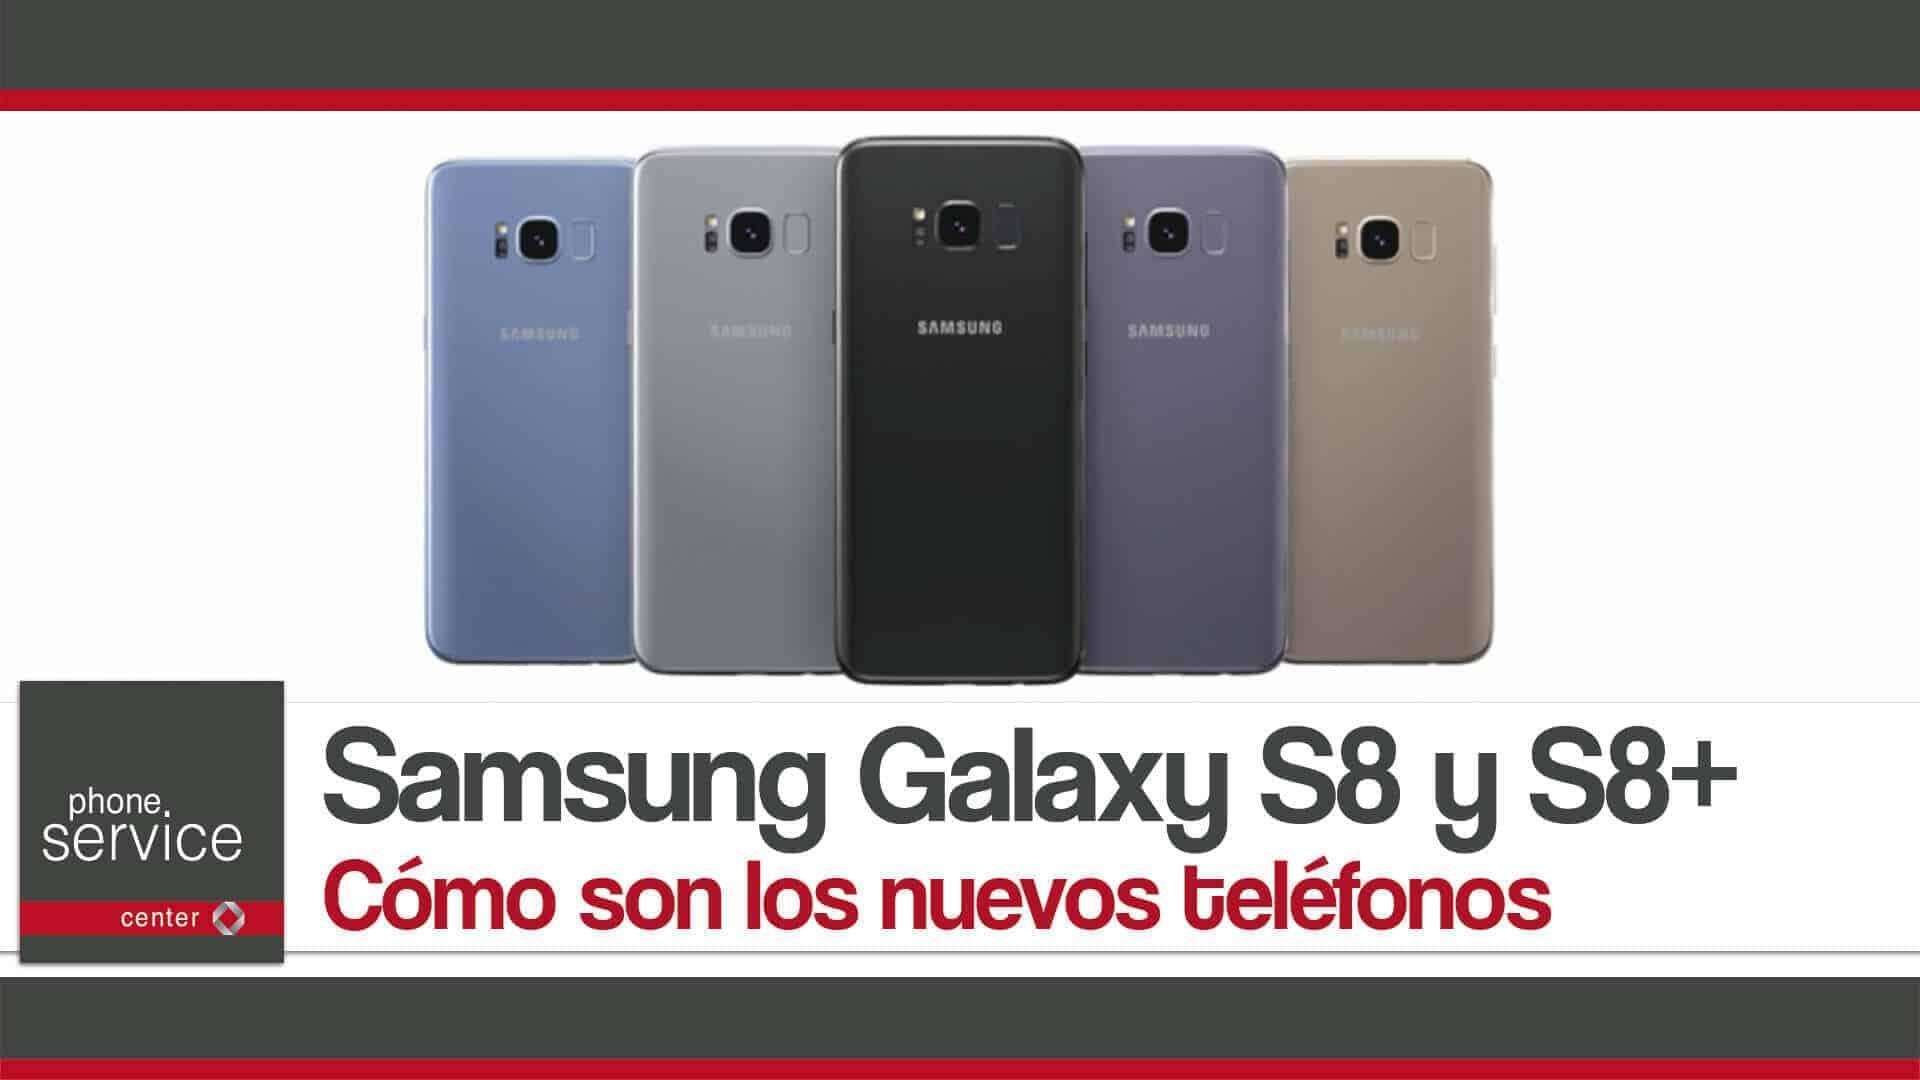 Samsung Galaxy S8 y S8+ como son los nuevos telefonos